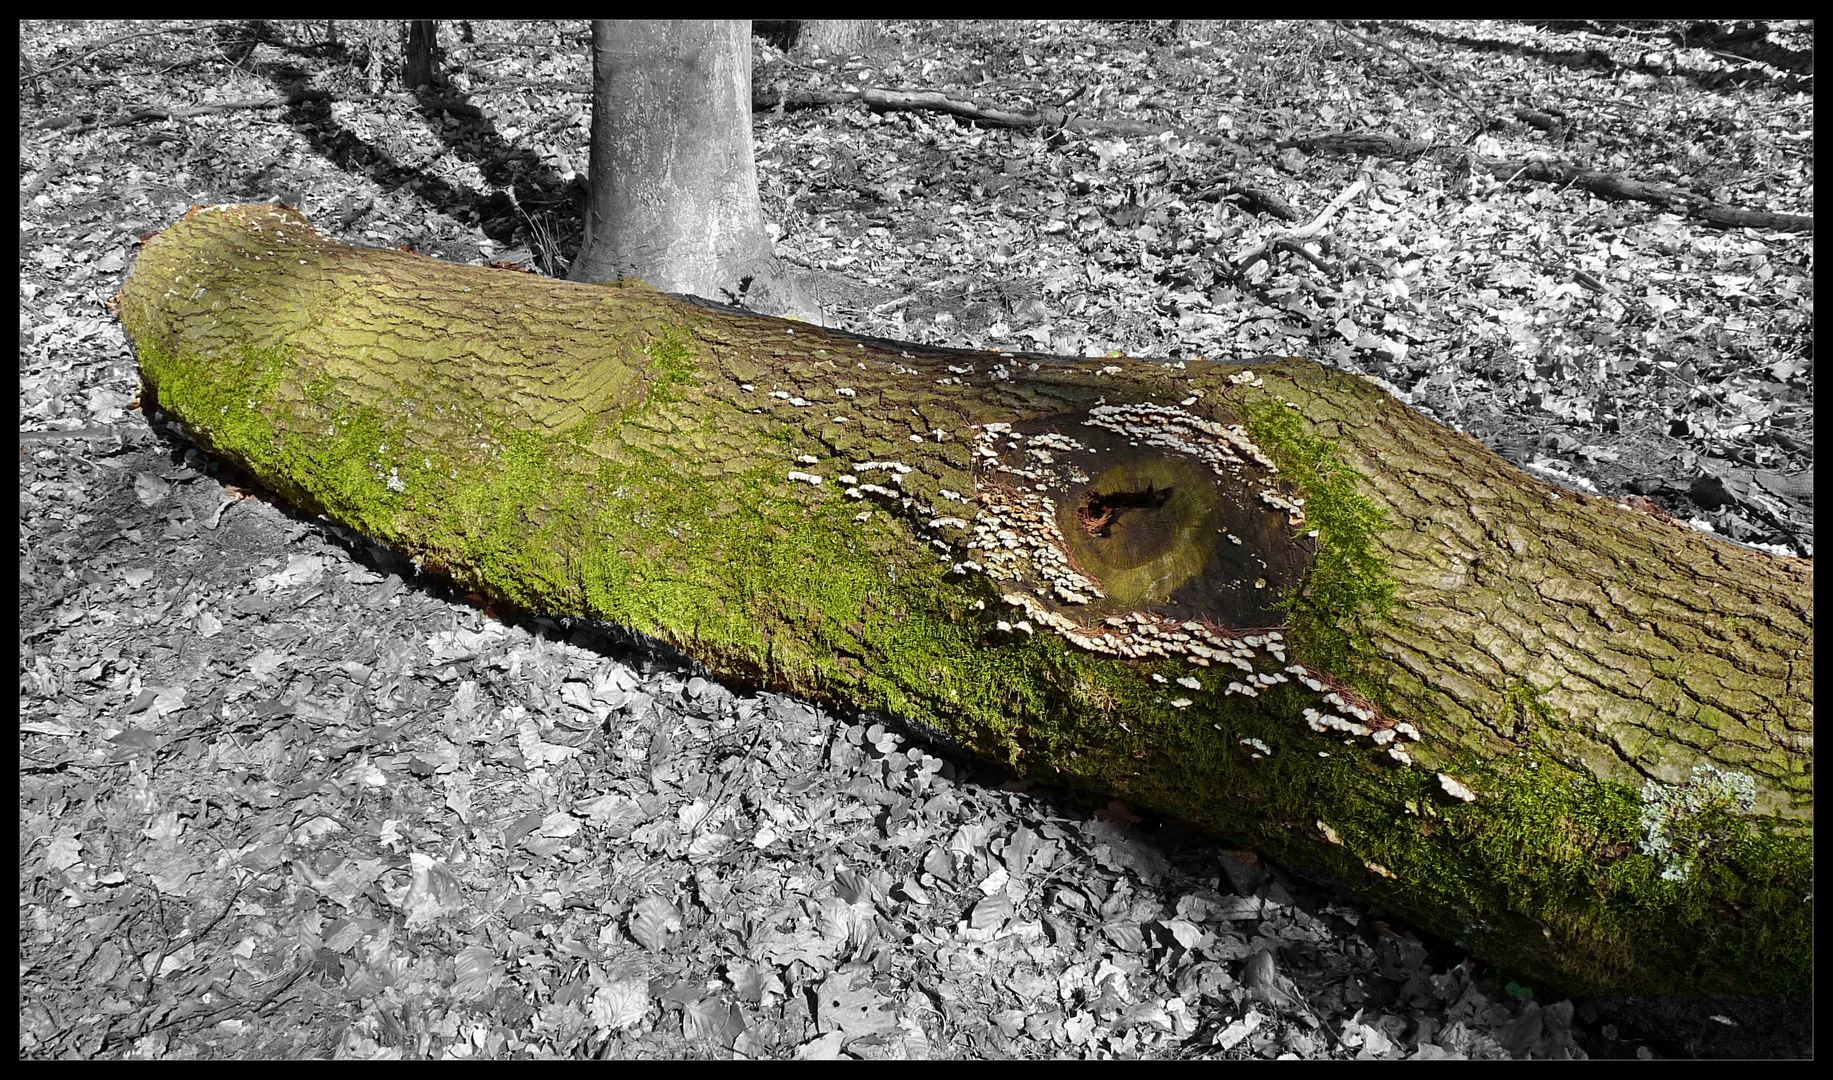 Krokodil im Wald